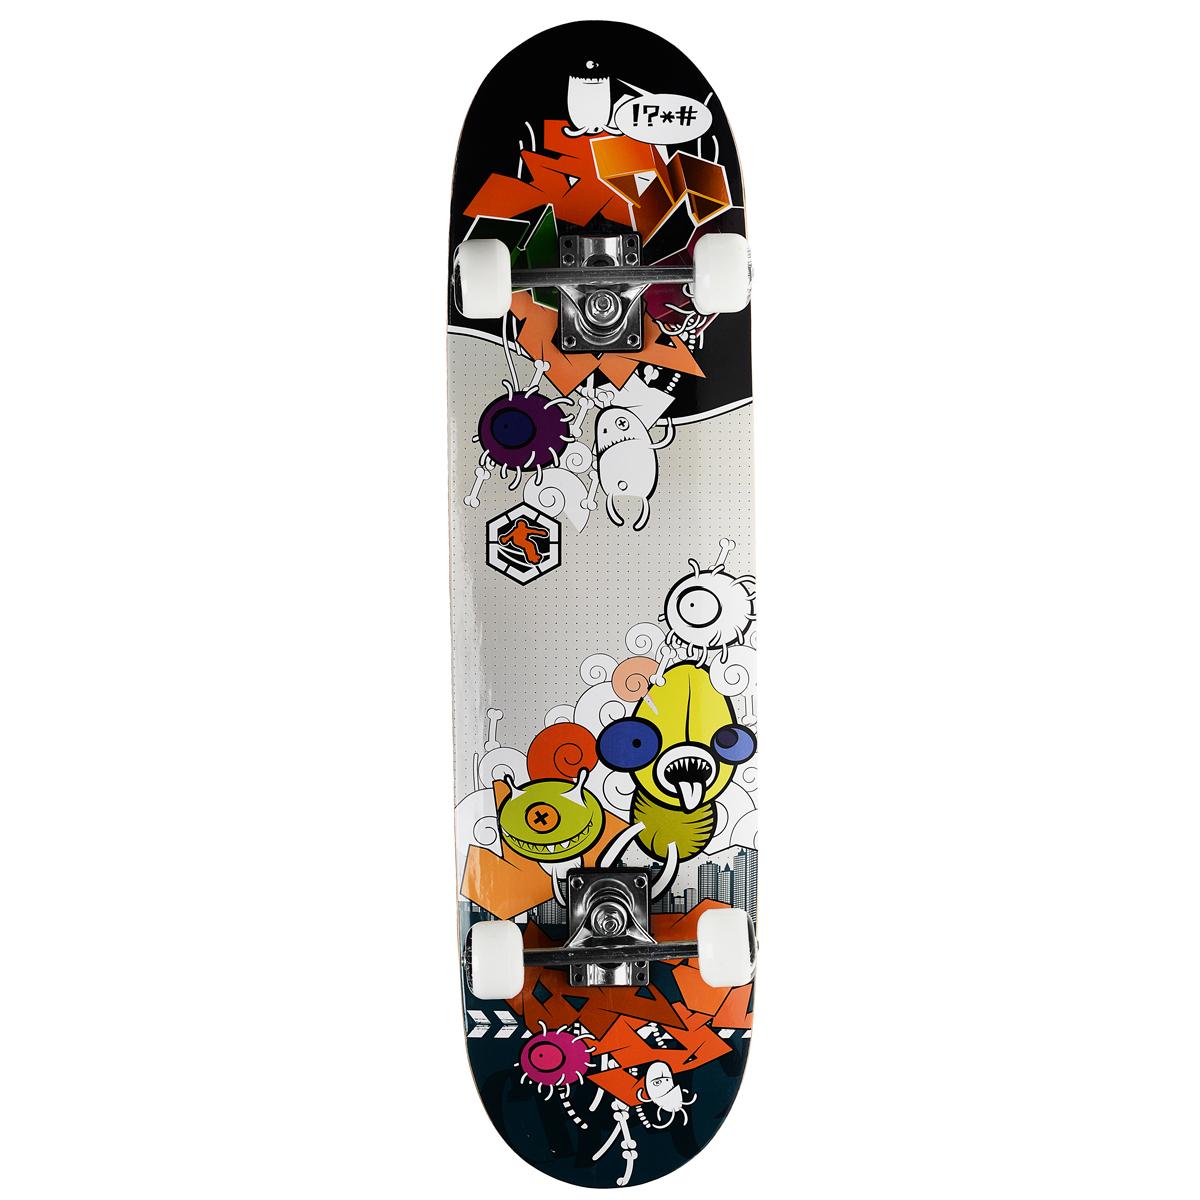 Скейтборд MaxCity Crank, цветной принт, дека 79 см х 20 см2770960904318Cкейтборды MaxCity - это самый подходящий вариант для начинающих скейтбордистов и просто любителей. Качественные материалы изготовления дадут вам полностью ощутить удовольствие от катания, а надежные комплектующие позволят выполнять несложные трюки без риска повредить доску. MaxCity - это качество по приемлемой цене. Нижняя часть деки украшена оригинальным рисунком.